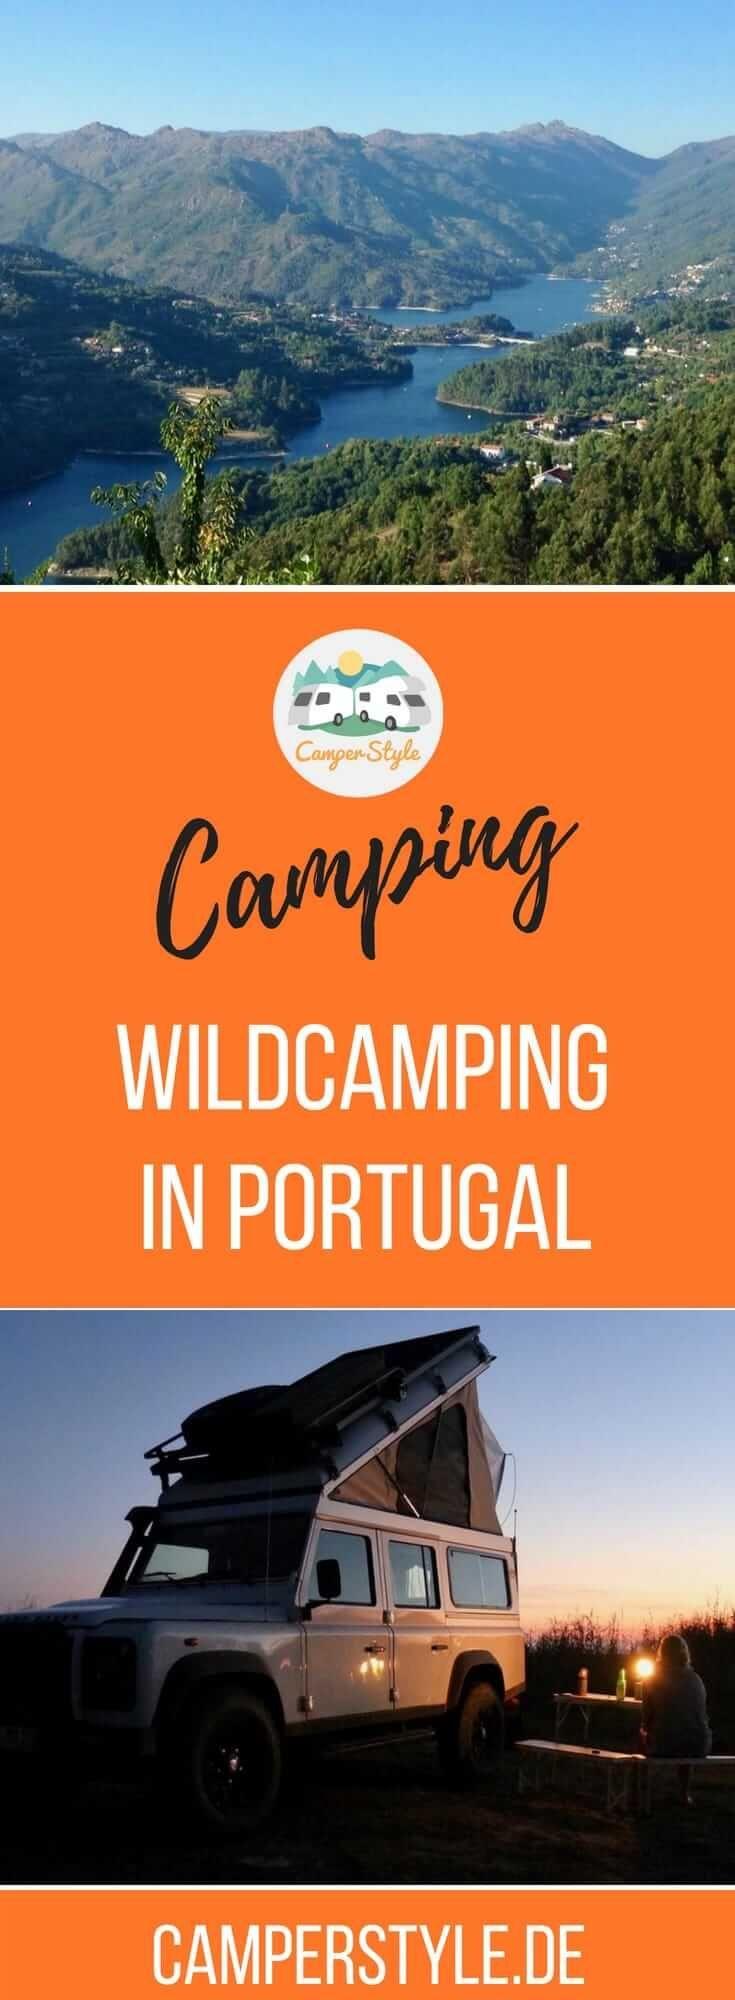 Wildcamping in Portugal – Regeln und Tipps für einen gelungenen Urlaub